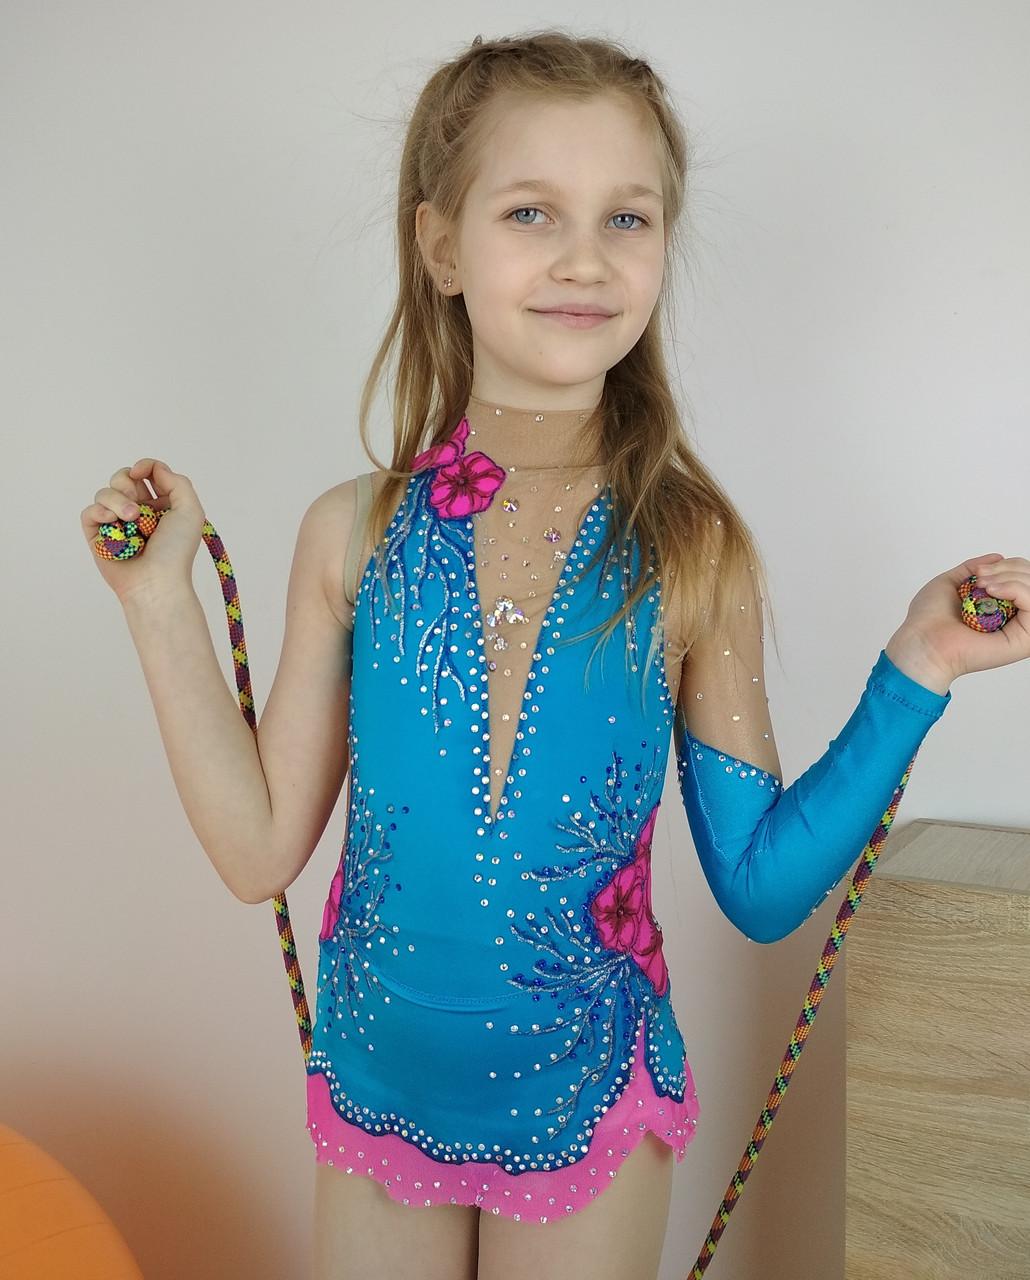 ad8f39625c44 Яркий голубой купальник со стразами и цветами для художественной гимнастики  116-122